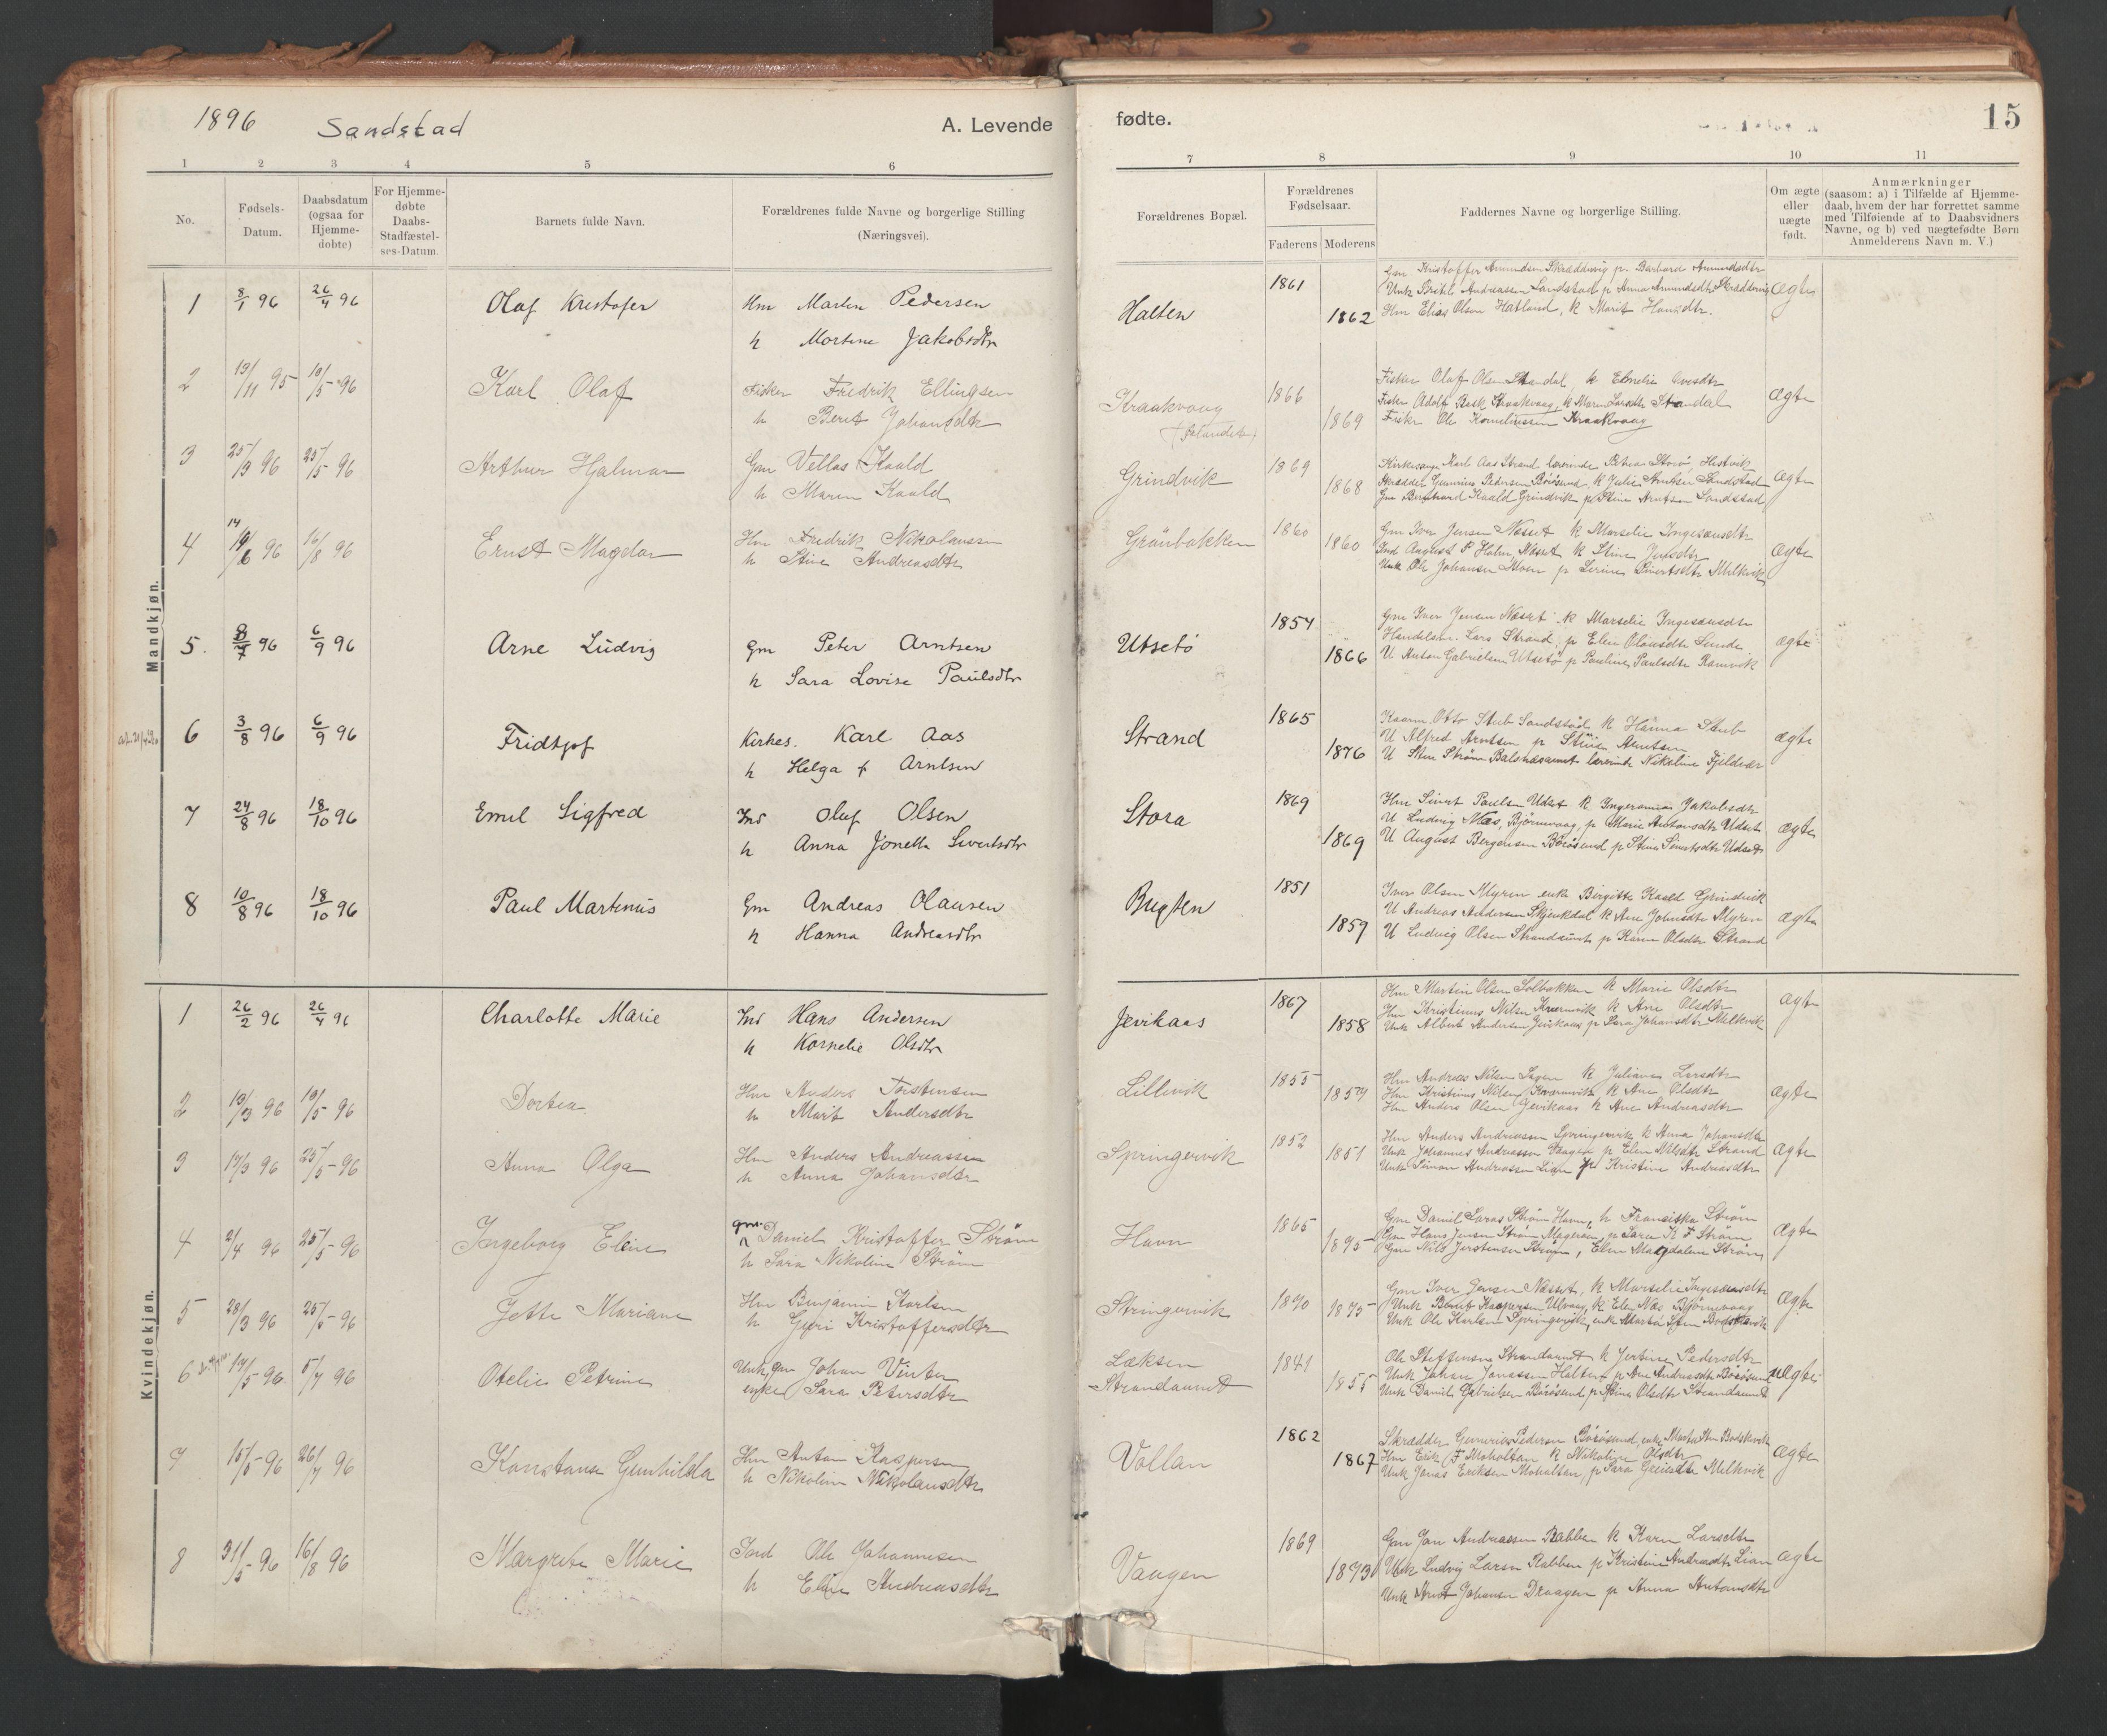 SAT, Ministerialprotokoller, klokkerbøker og fødselsregistre - Sør-Trøndelag, 639/L0572: Ministerialbok nr. 639A01, 1890-1920, s. 15